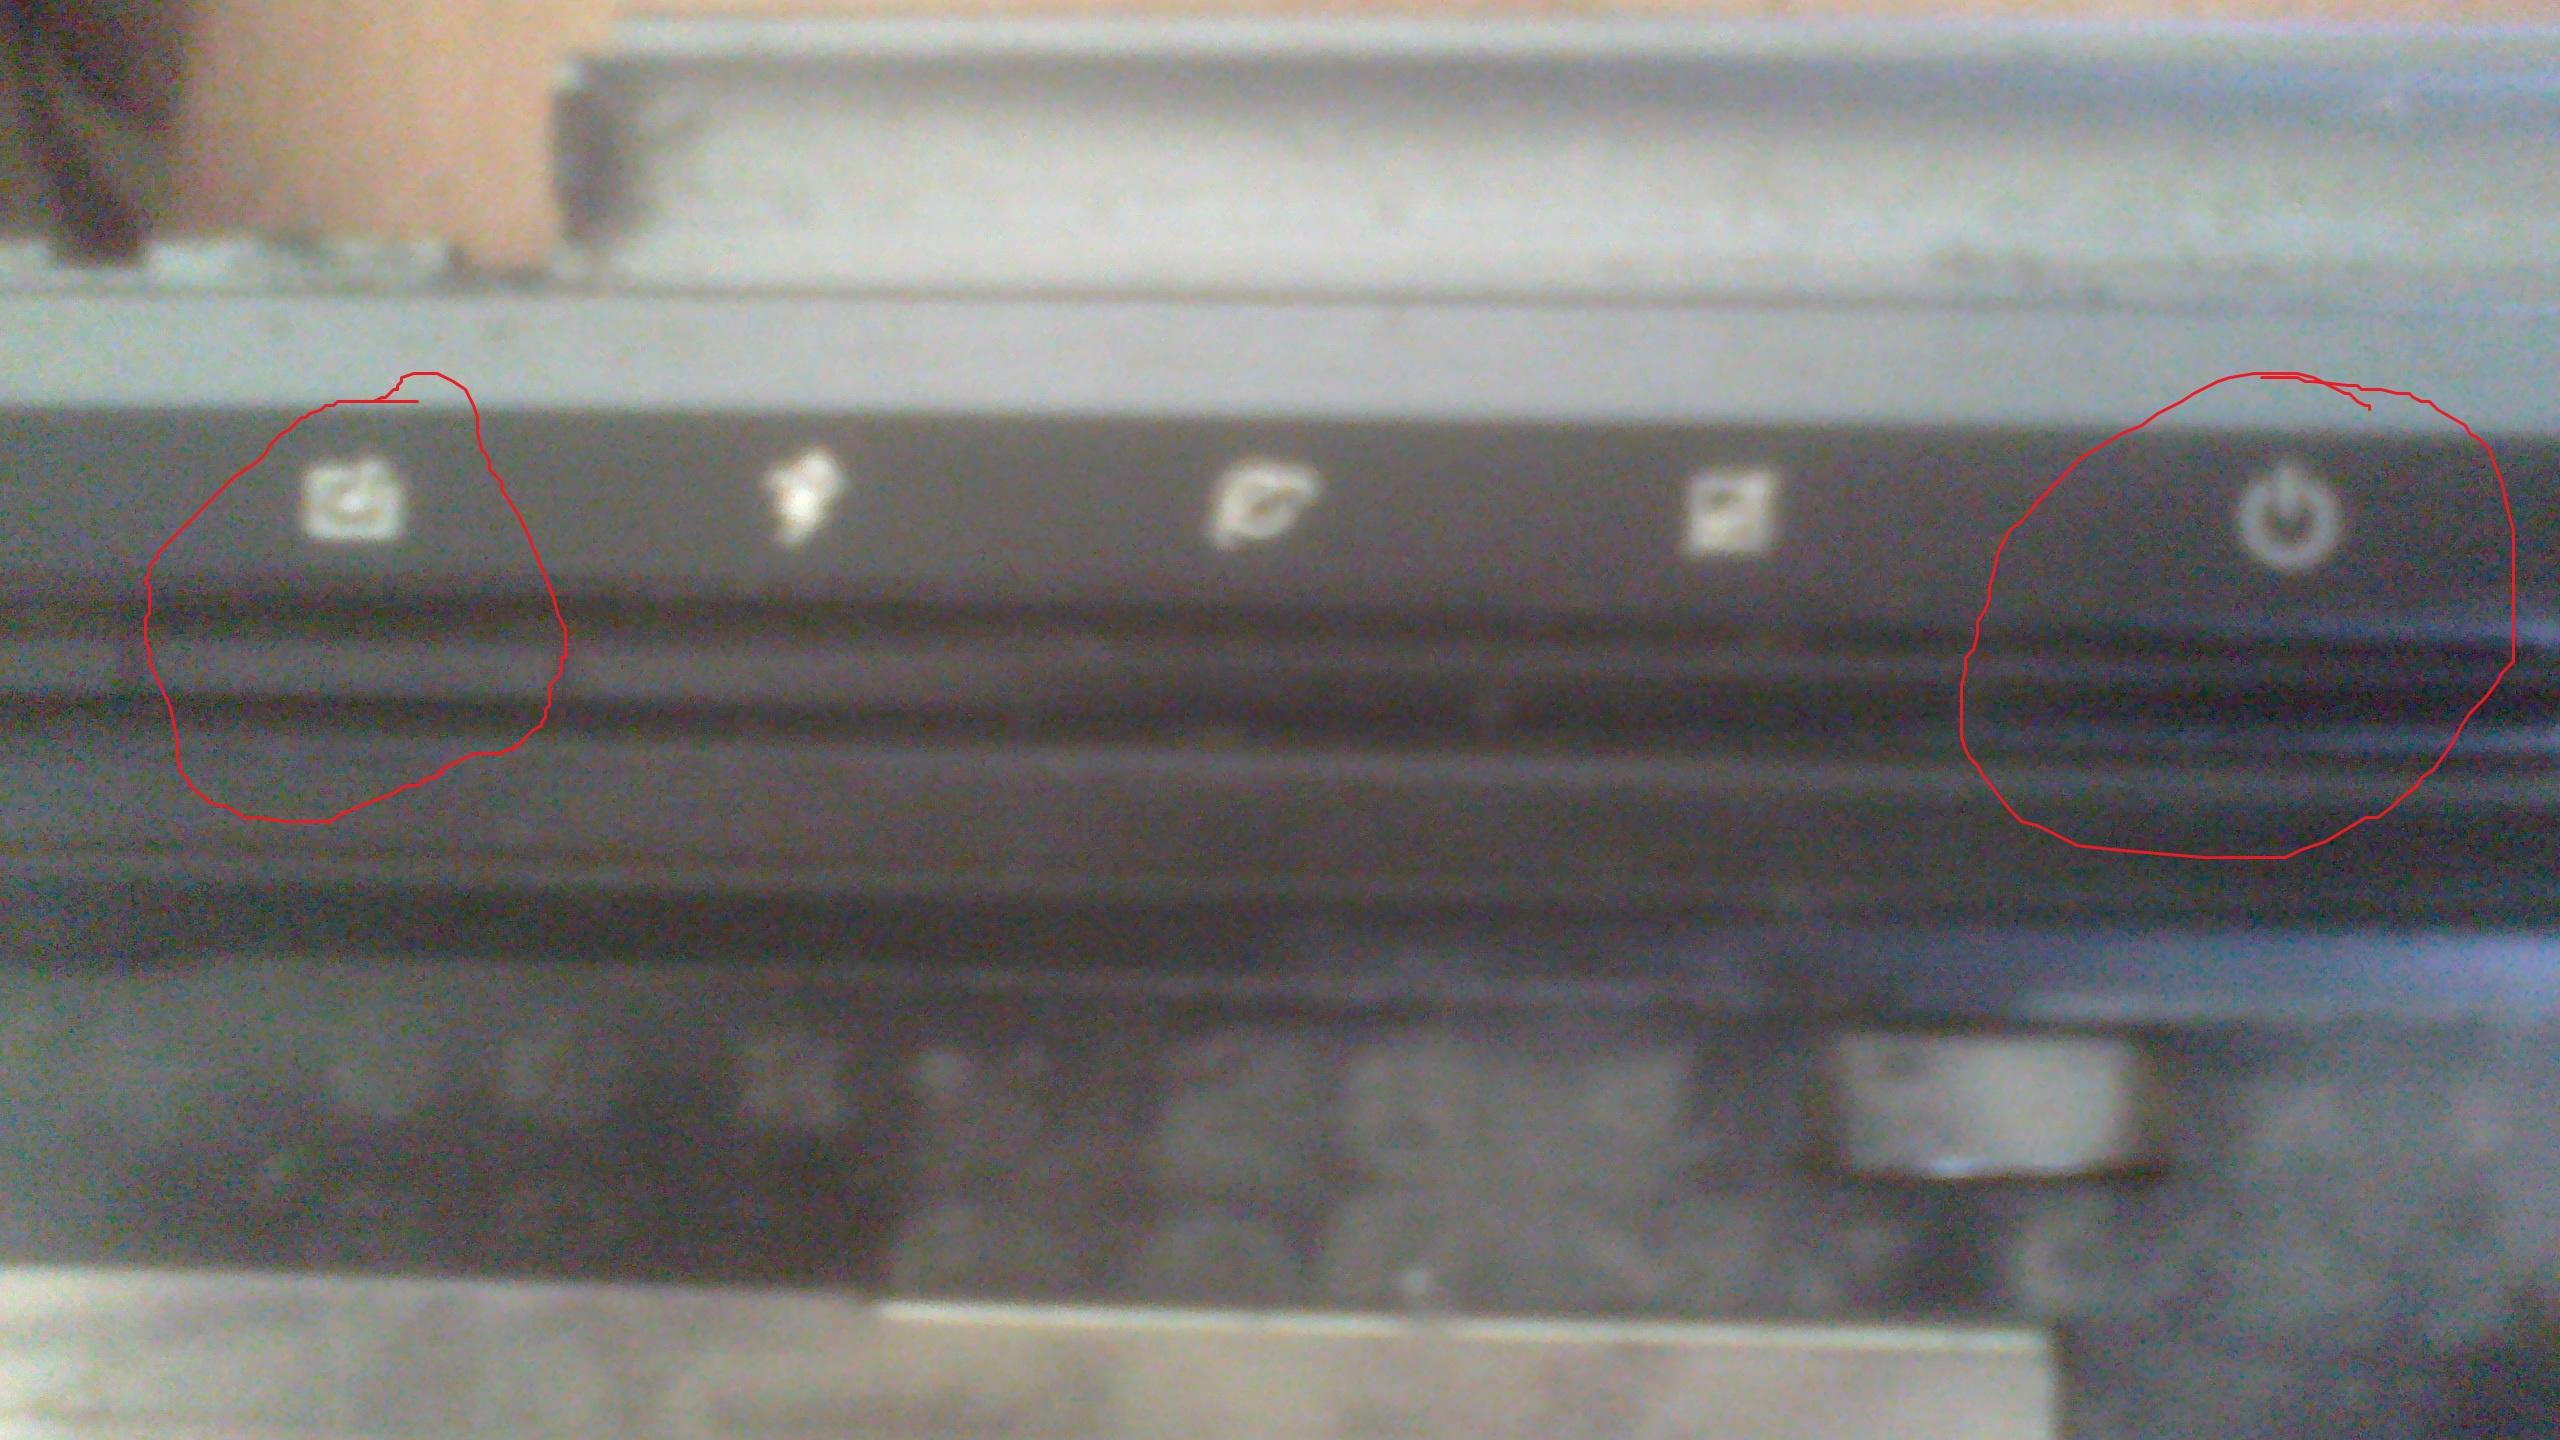 ASUS F5SL - Czarny ekran podczas w��czania